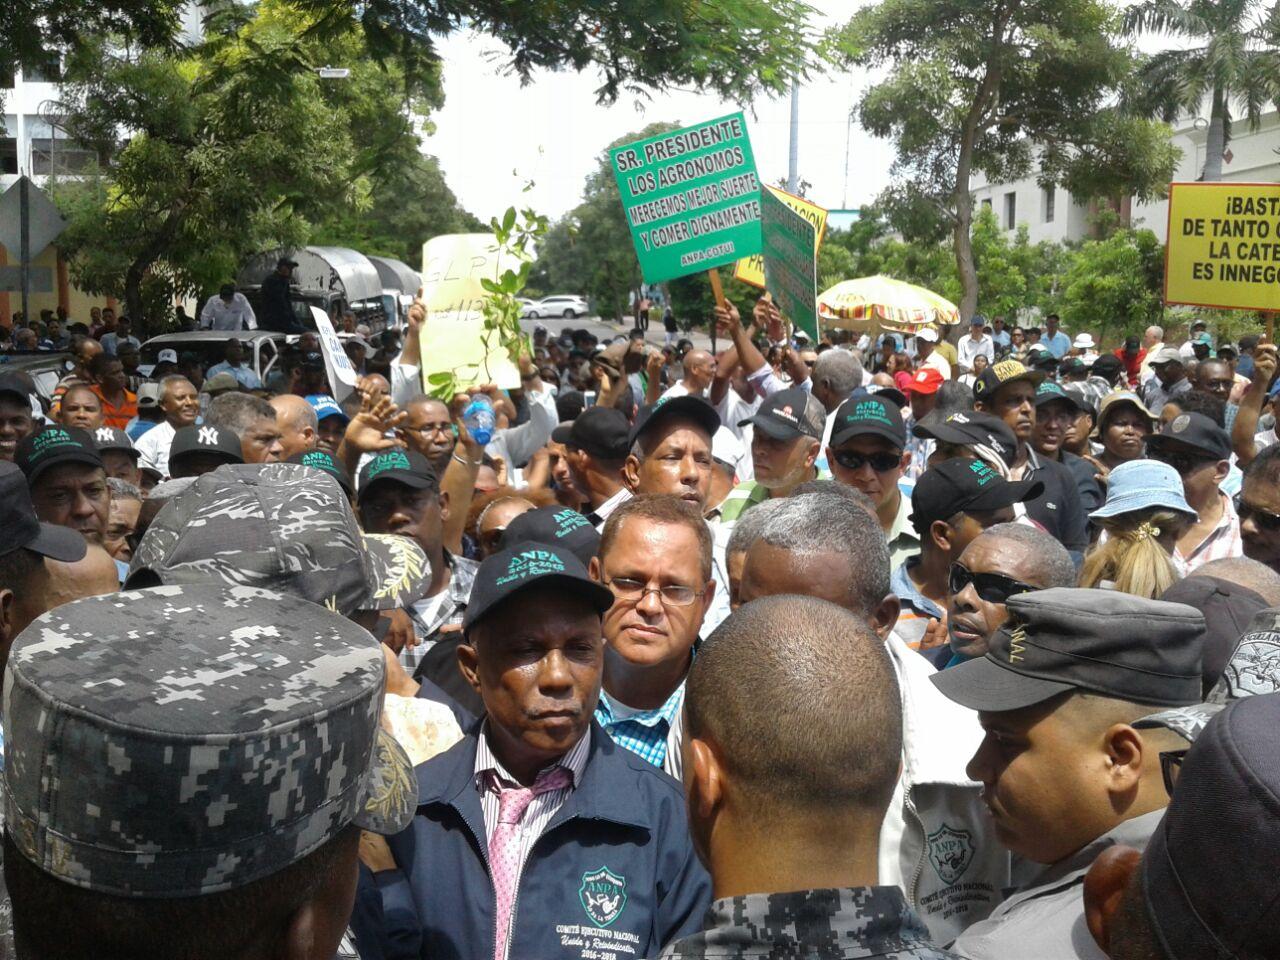 Asociación Nacional de Profesionales Agrícolas marchan en demanda de pensión para 400 de sus miembros